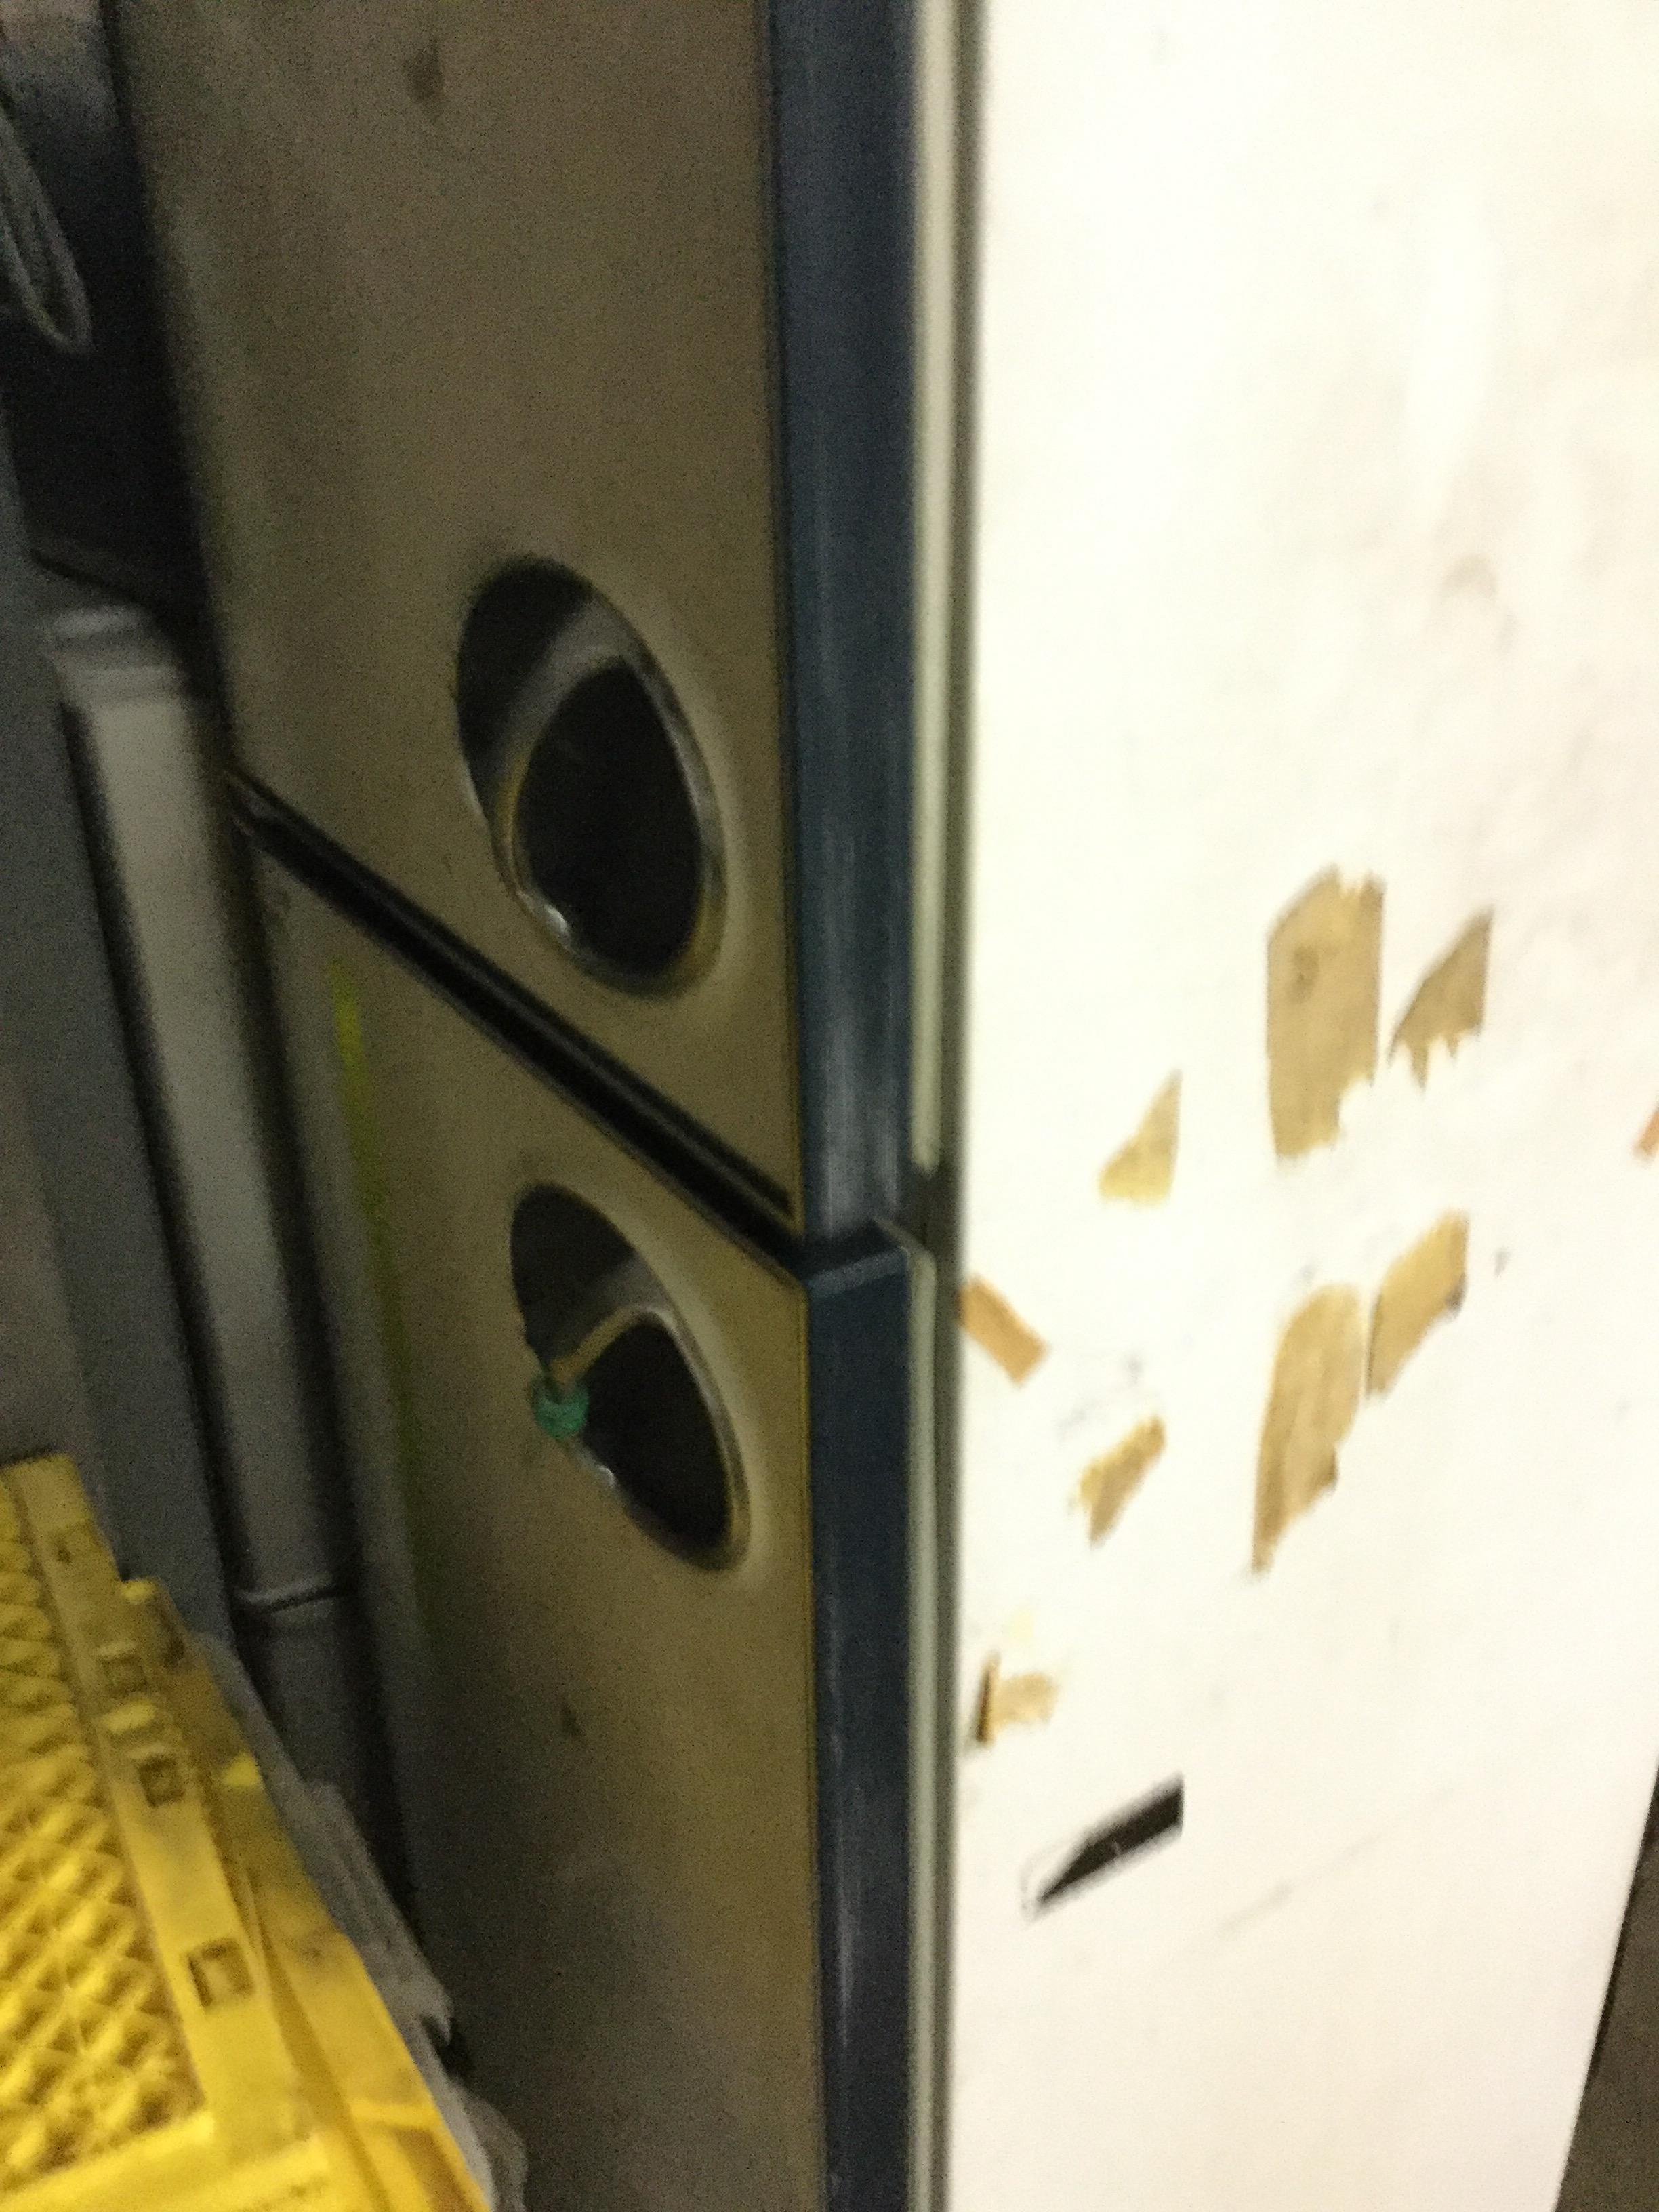 岡山市北区で不用品回収した冷蔵庫